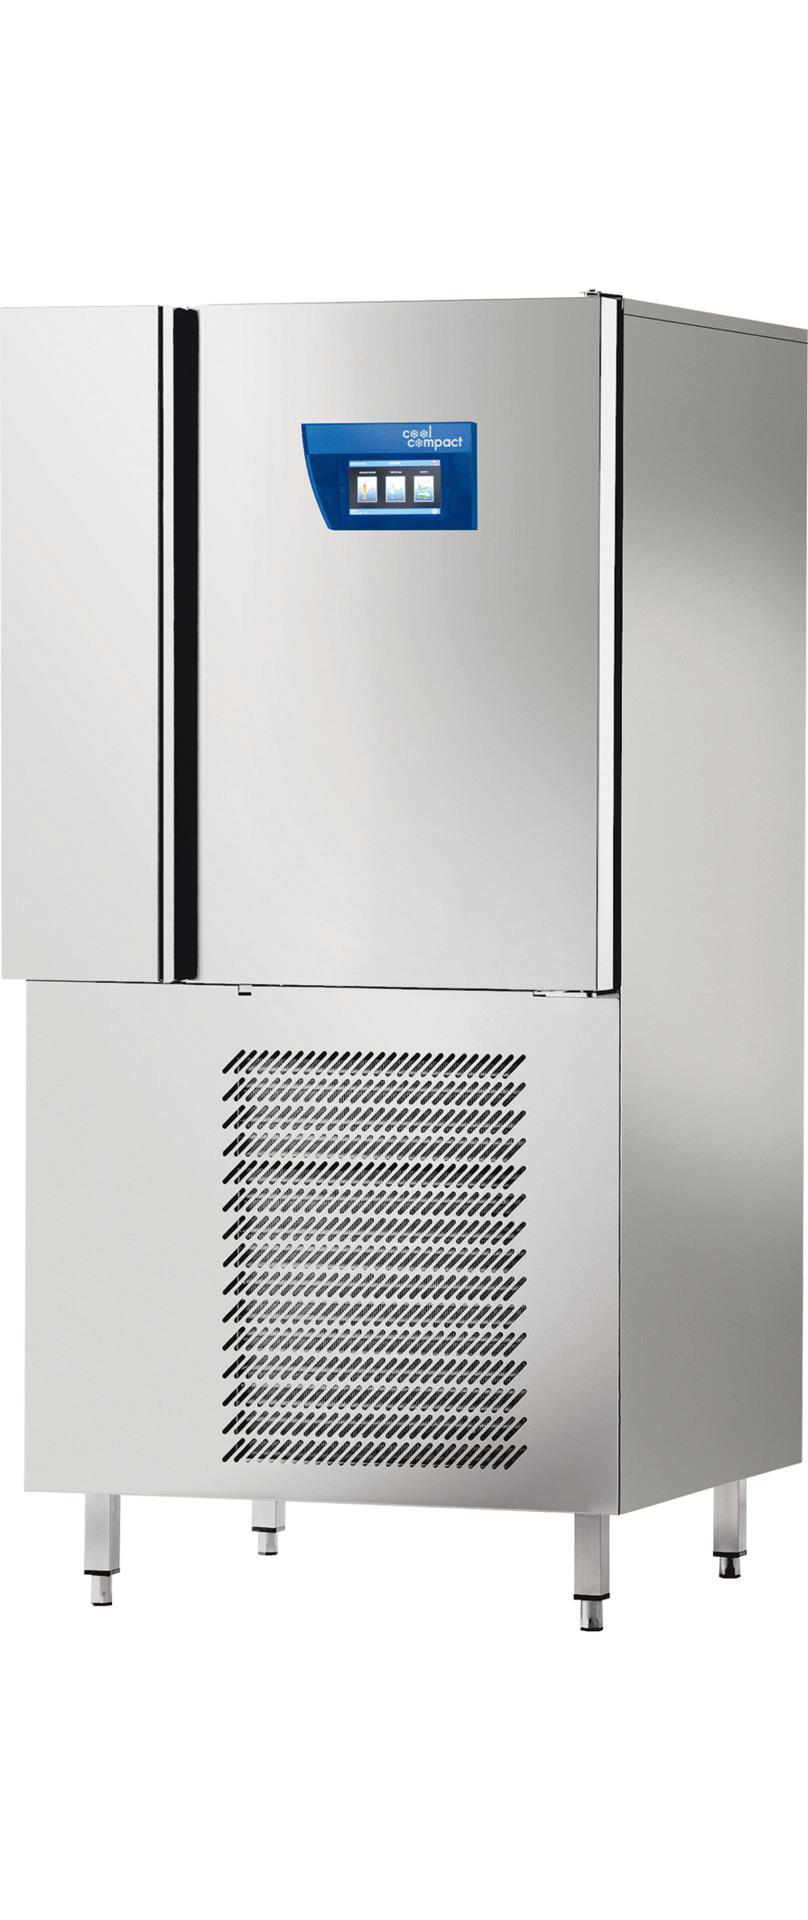 Schnellkühler / Schockfroster  10 x GN 1/1 Längseinschub / luftgekühlt